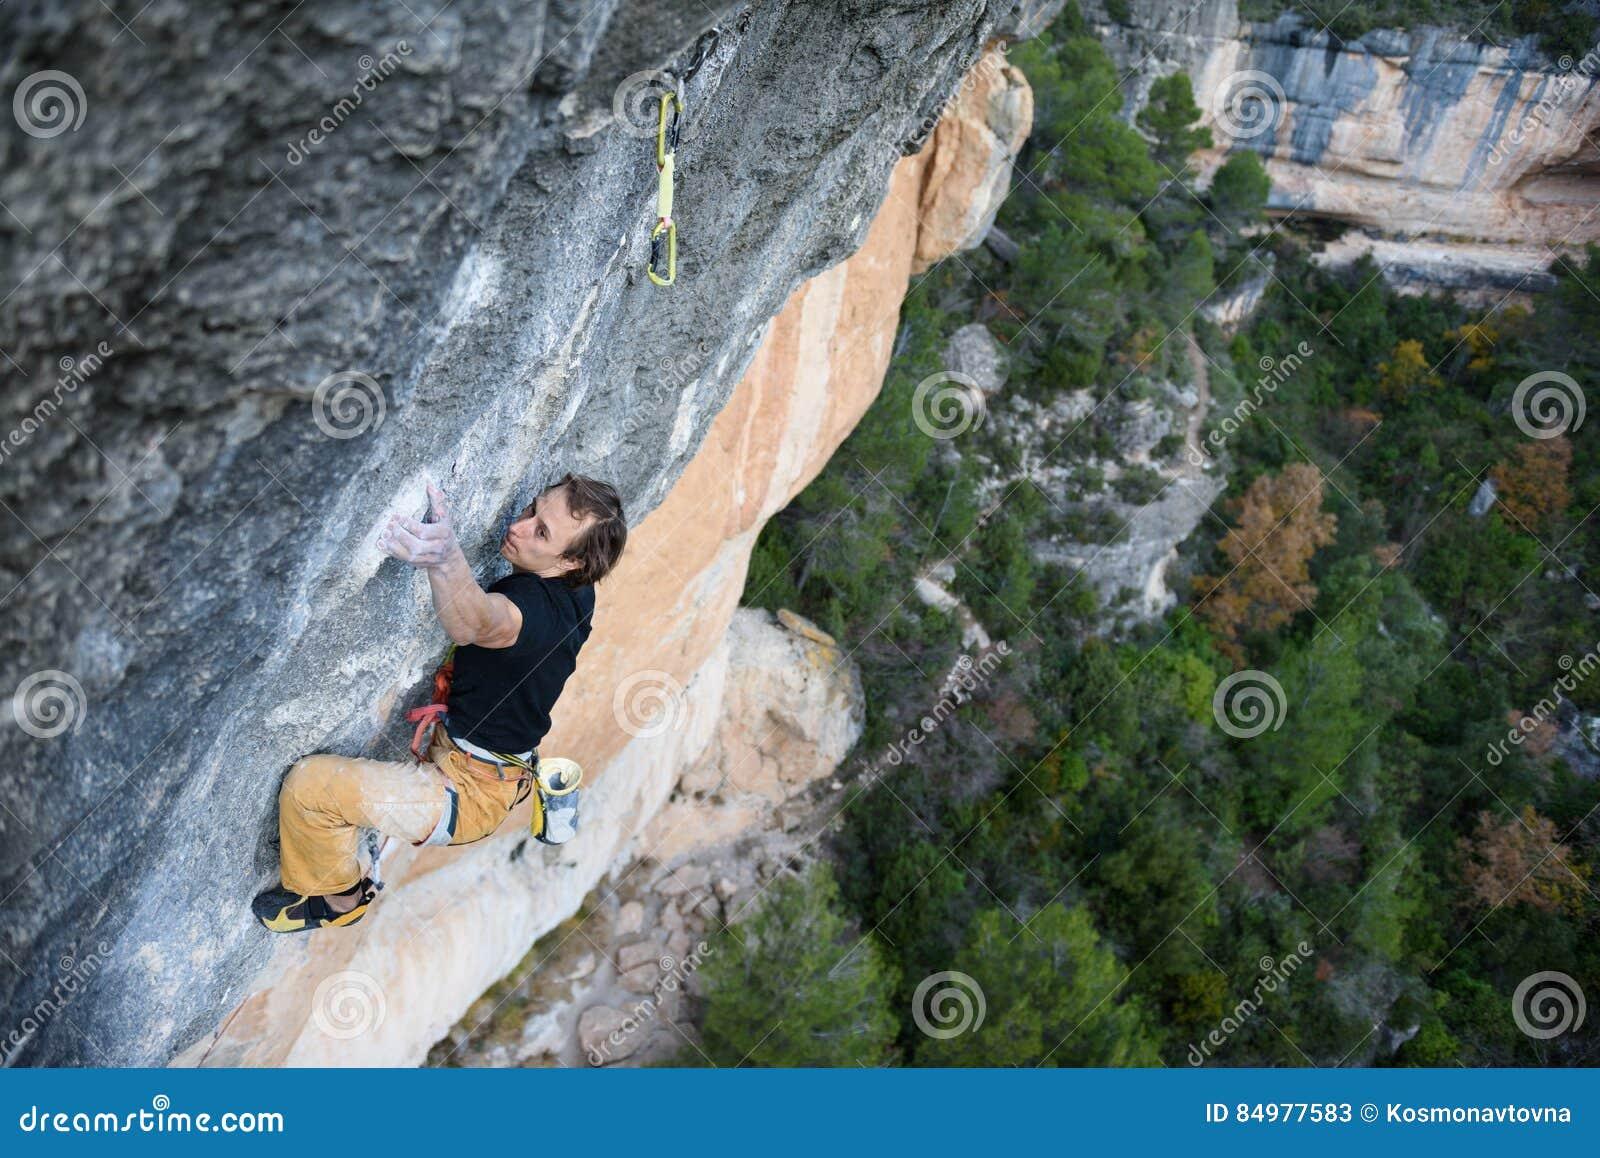 Utomhus- sport Vagga klättraren som stiger en utmanande klippa Extrem sportklättring